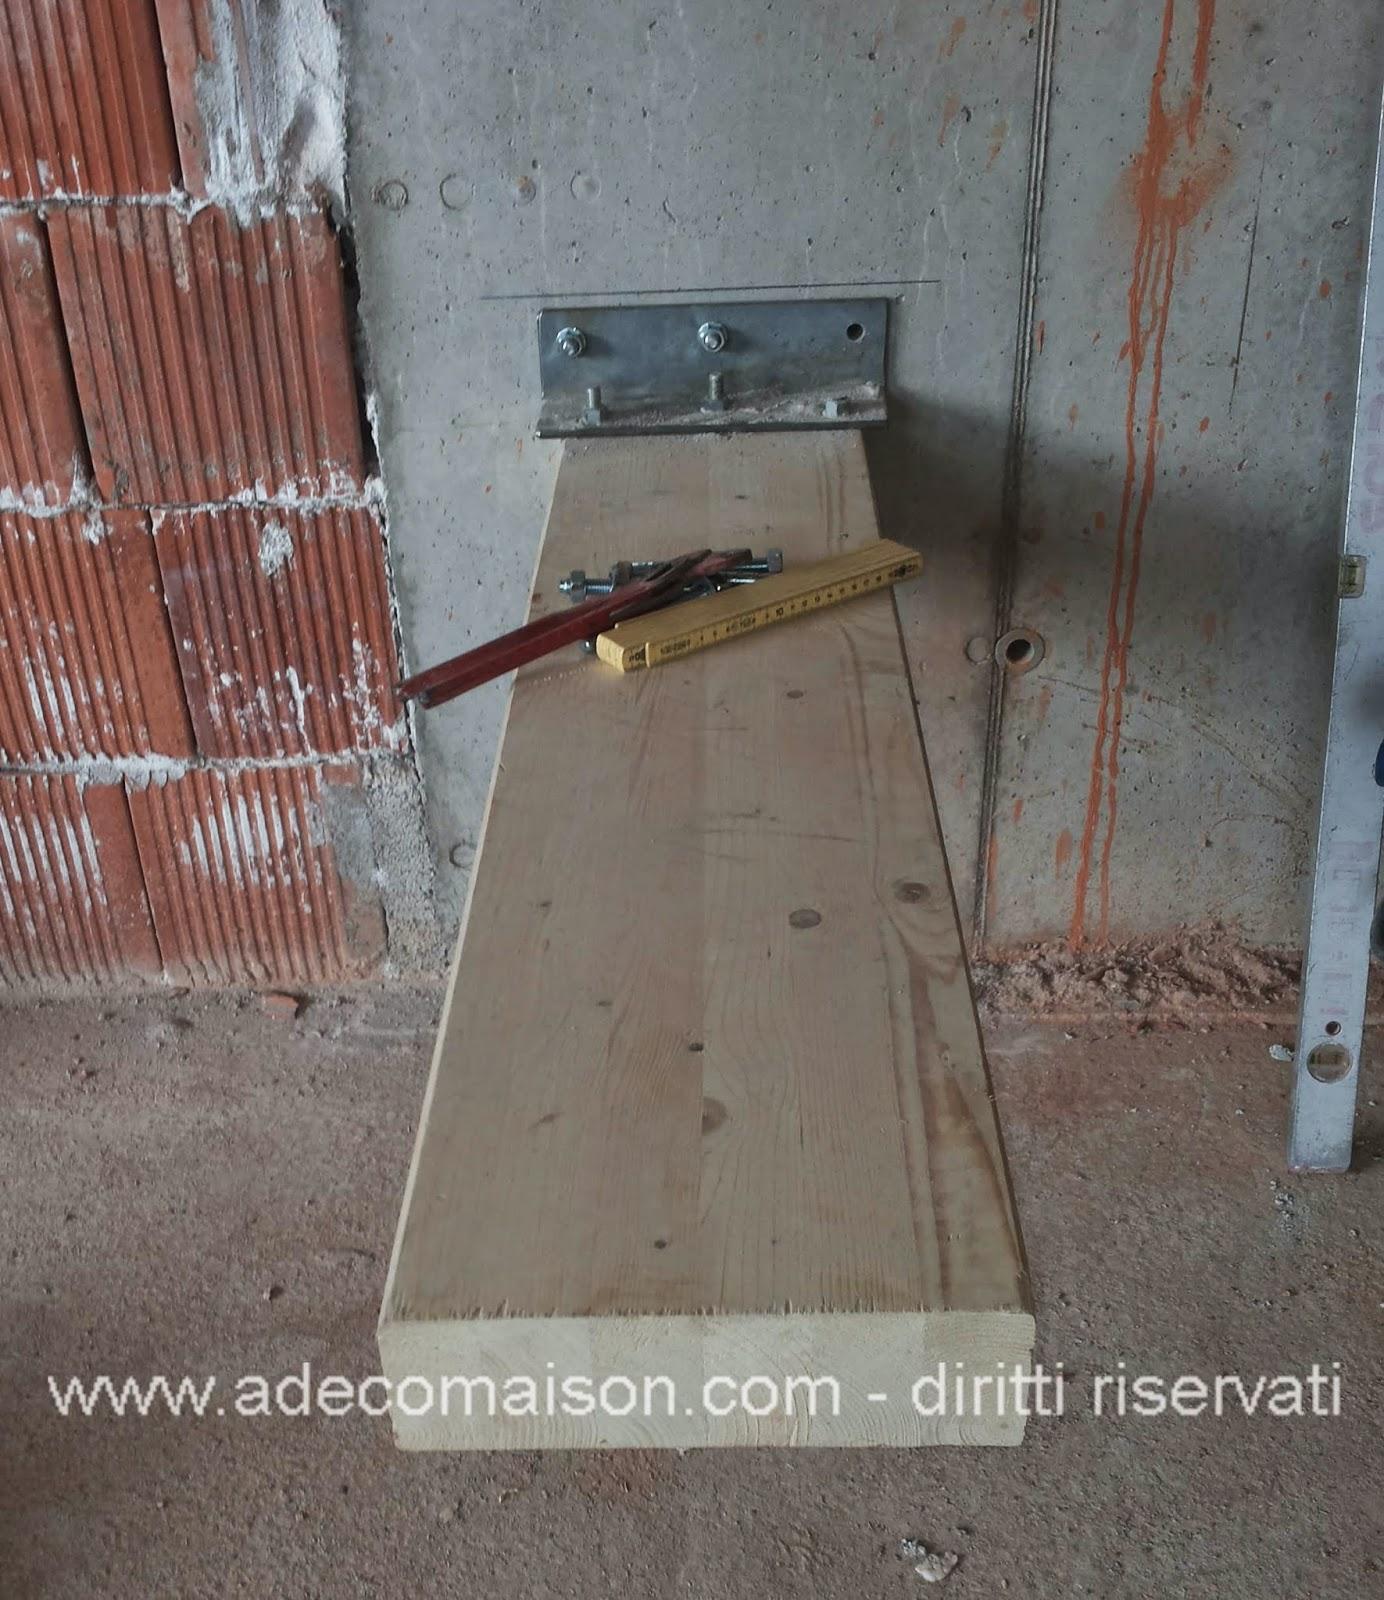 Adecomaison soluzioni per scala e vasca da bagno - Vasca da bagno in cemento ...